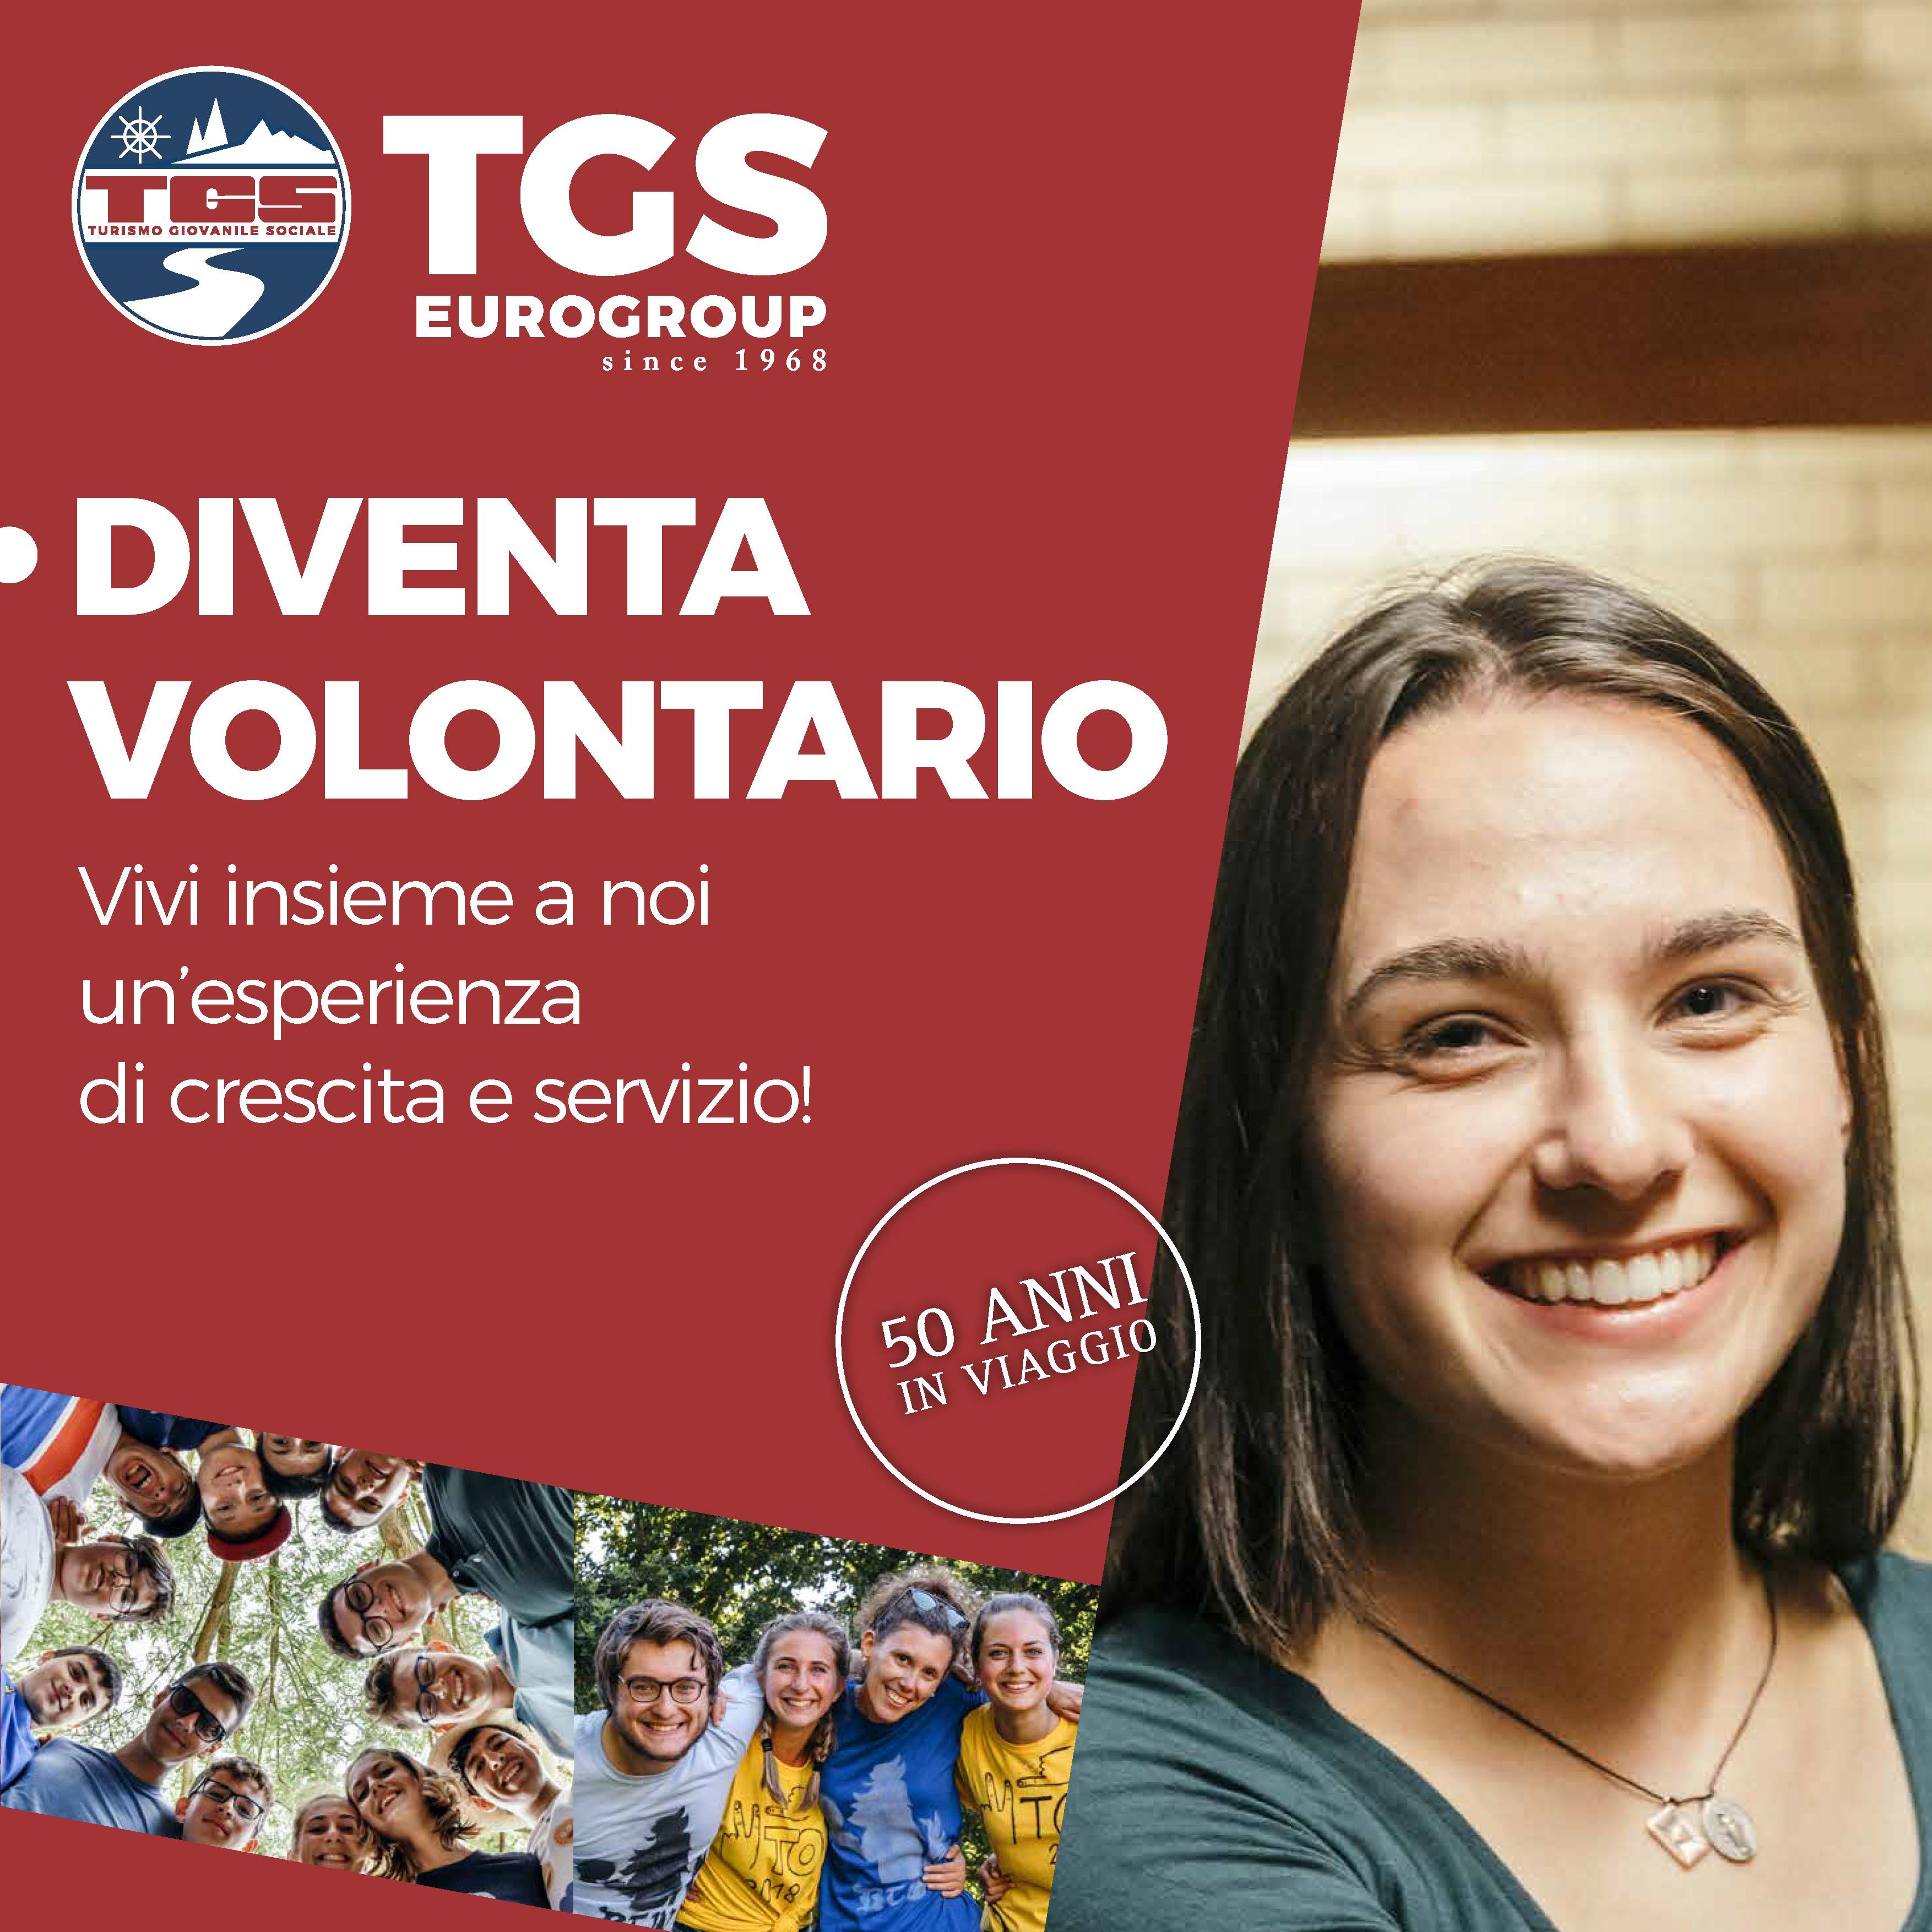 Leader TGS Eurogroup: Accompagnatore/animatore di gruppi di studenti in Gran Bretagna